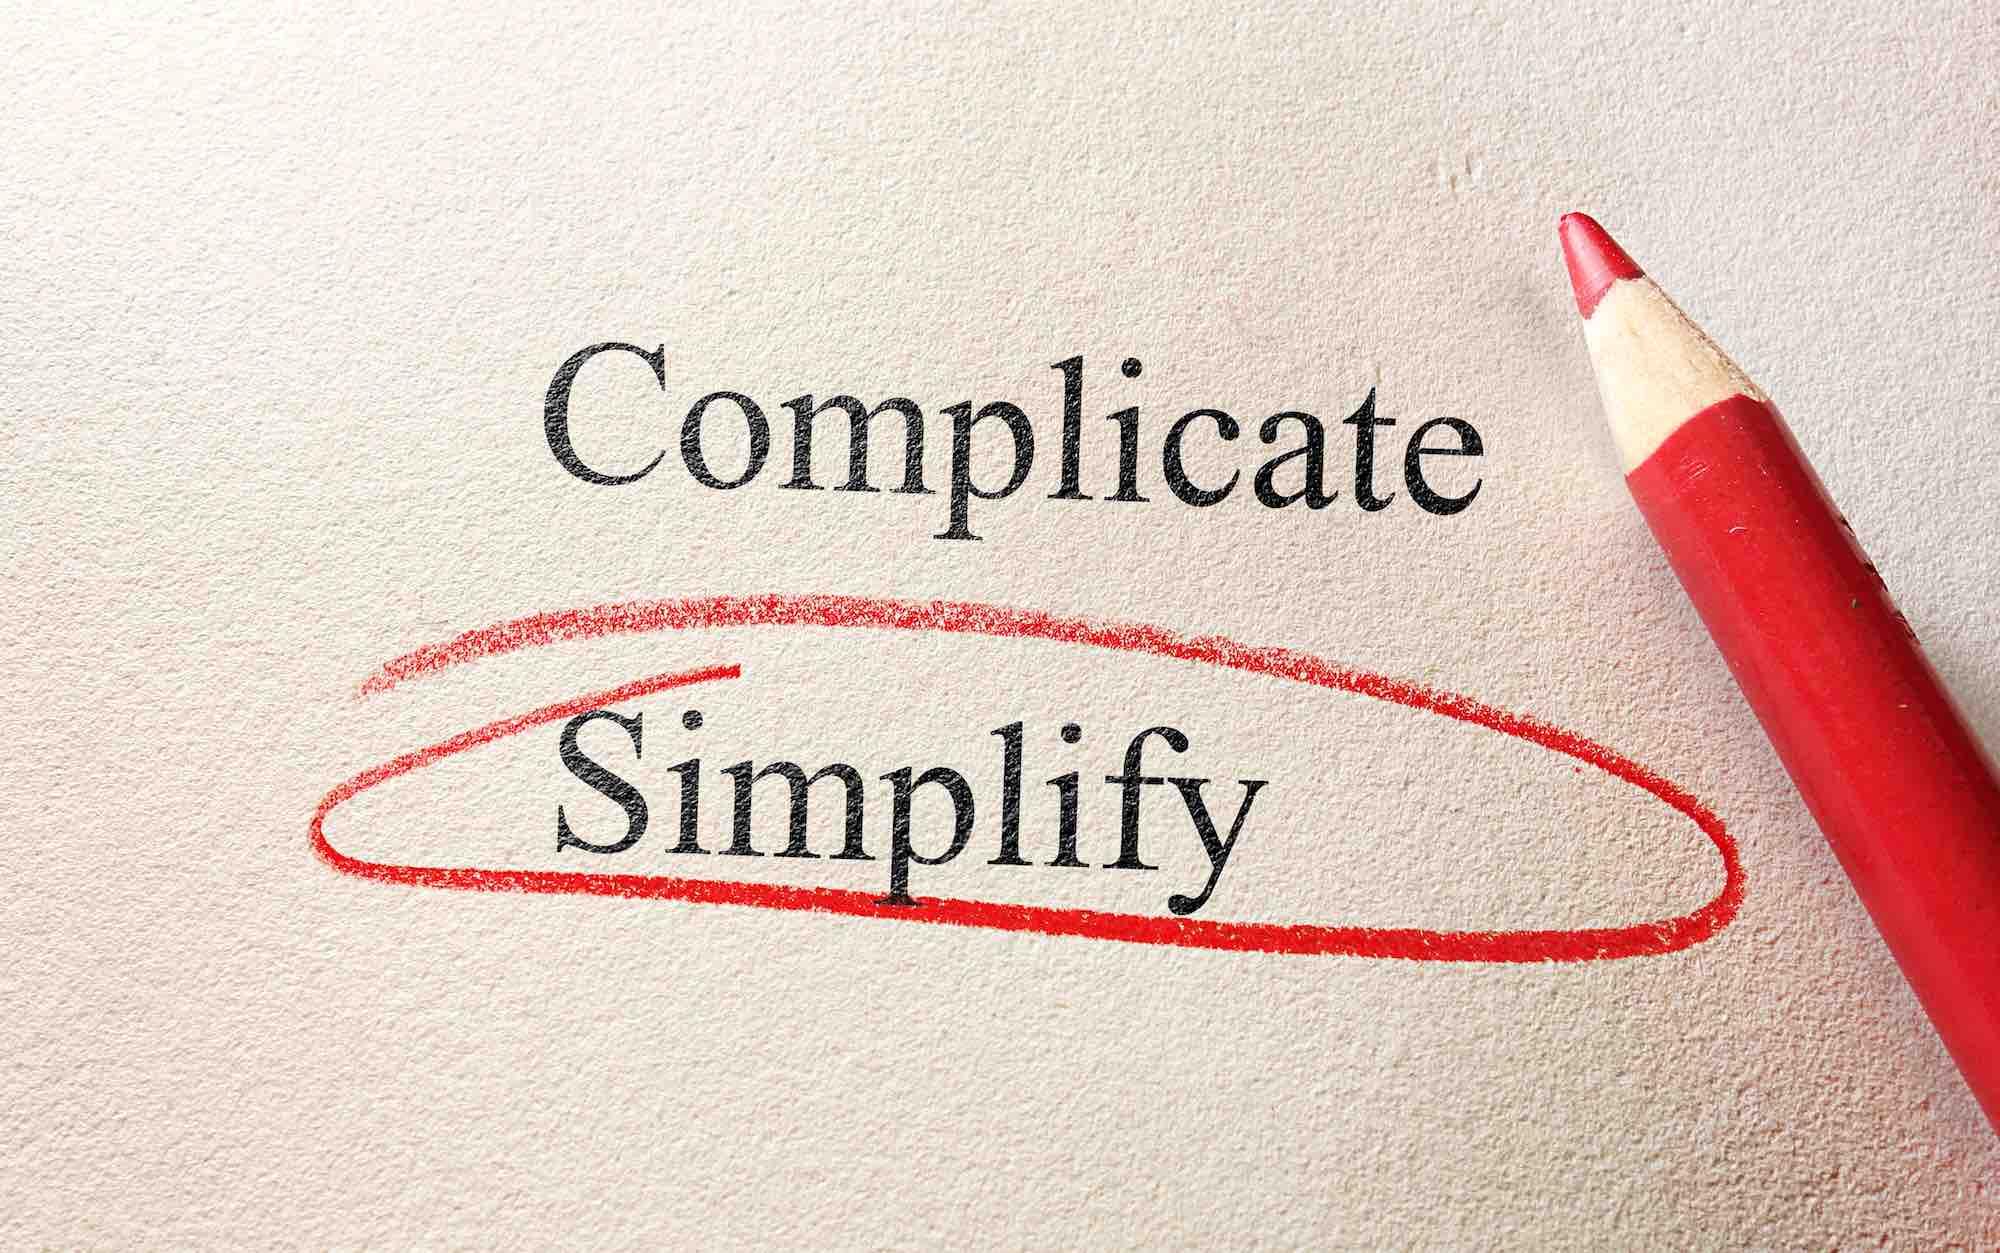 Una matita rossa su foglio bianco che ha selezionato la parola semplicità rispetto a complicato